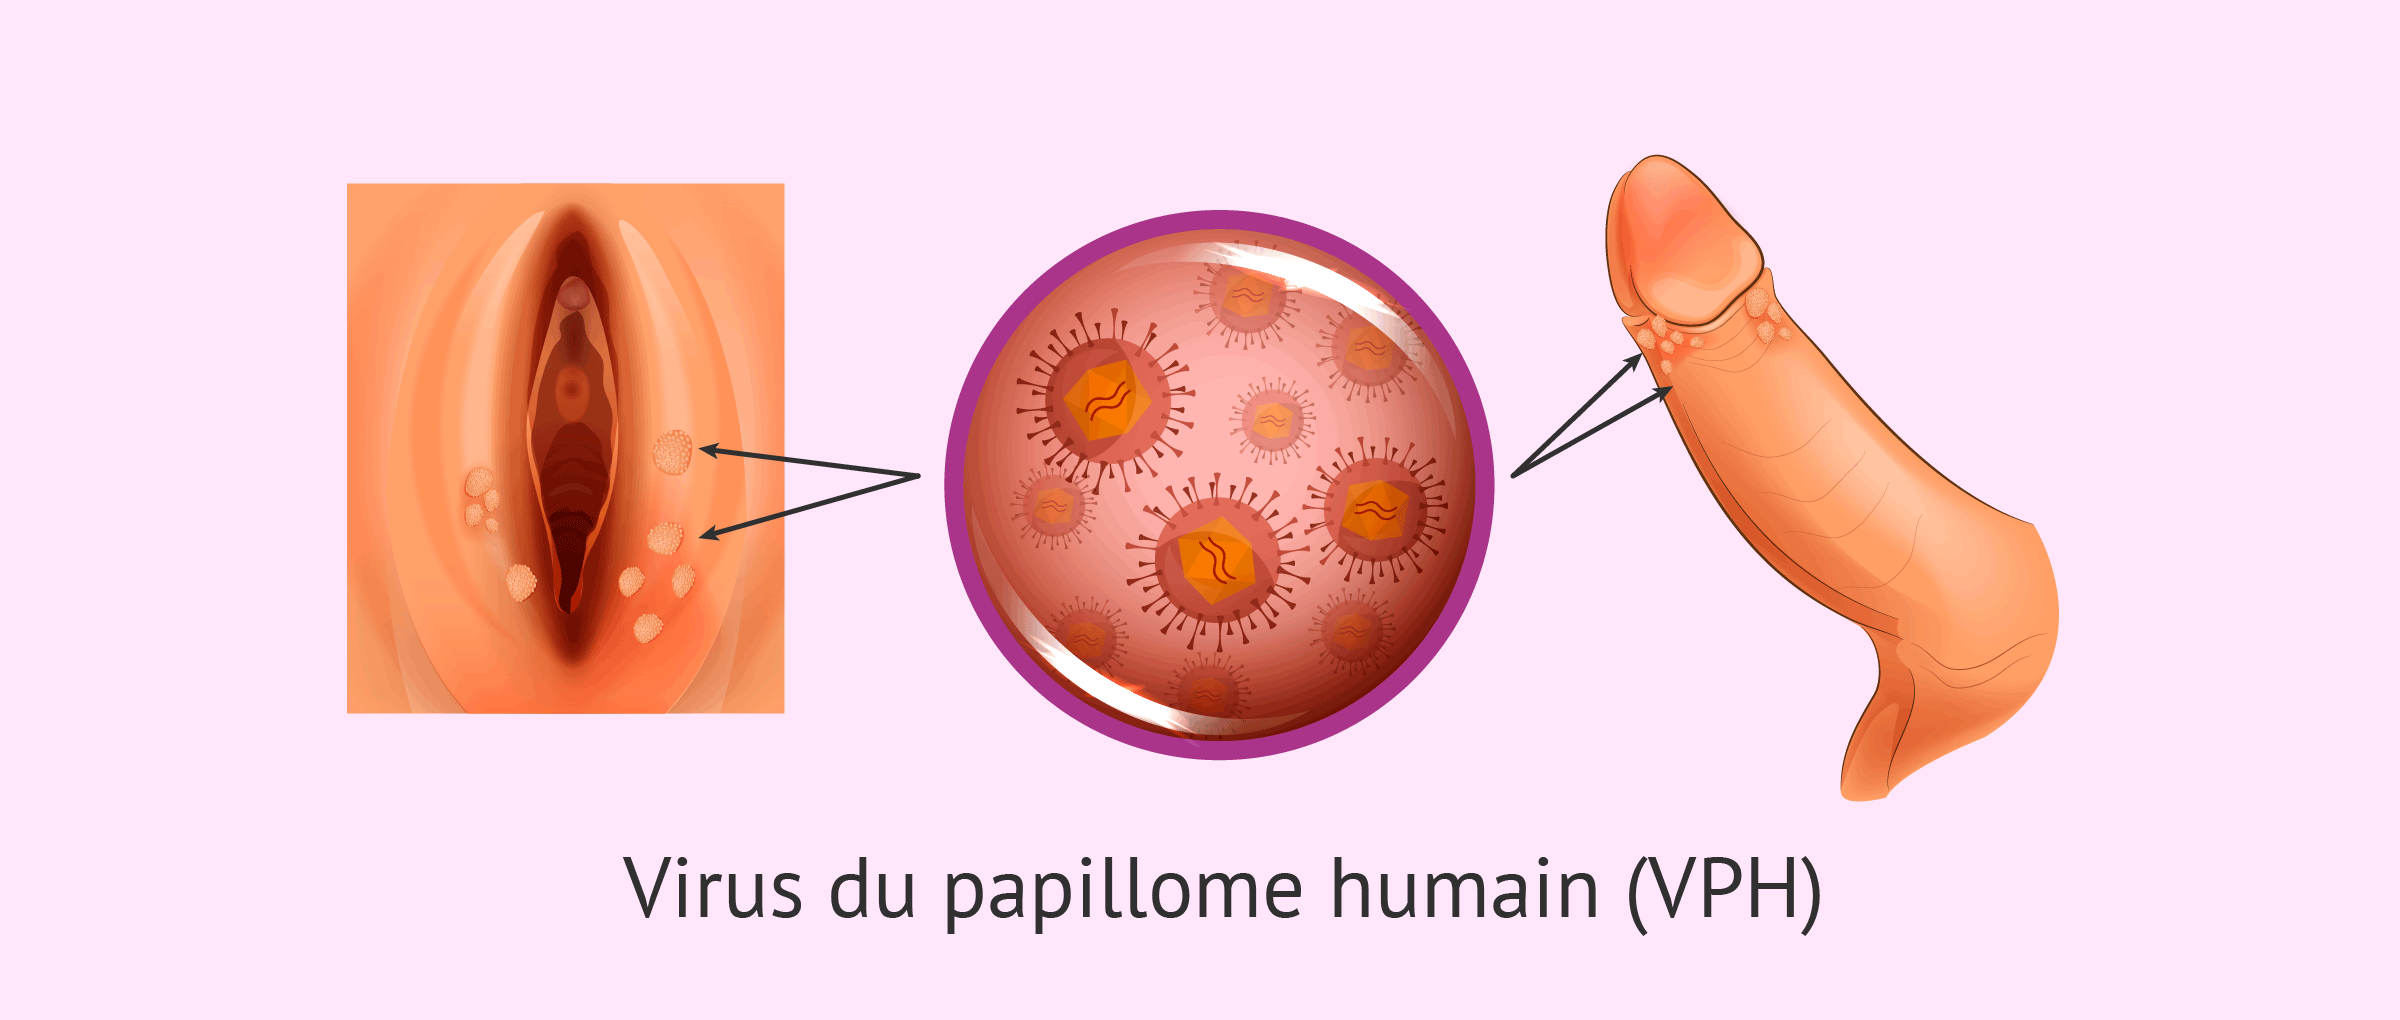 virus du papillome humain